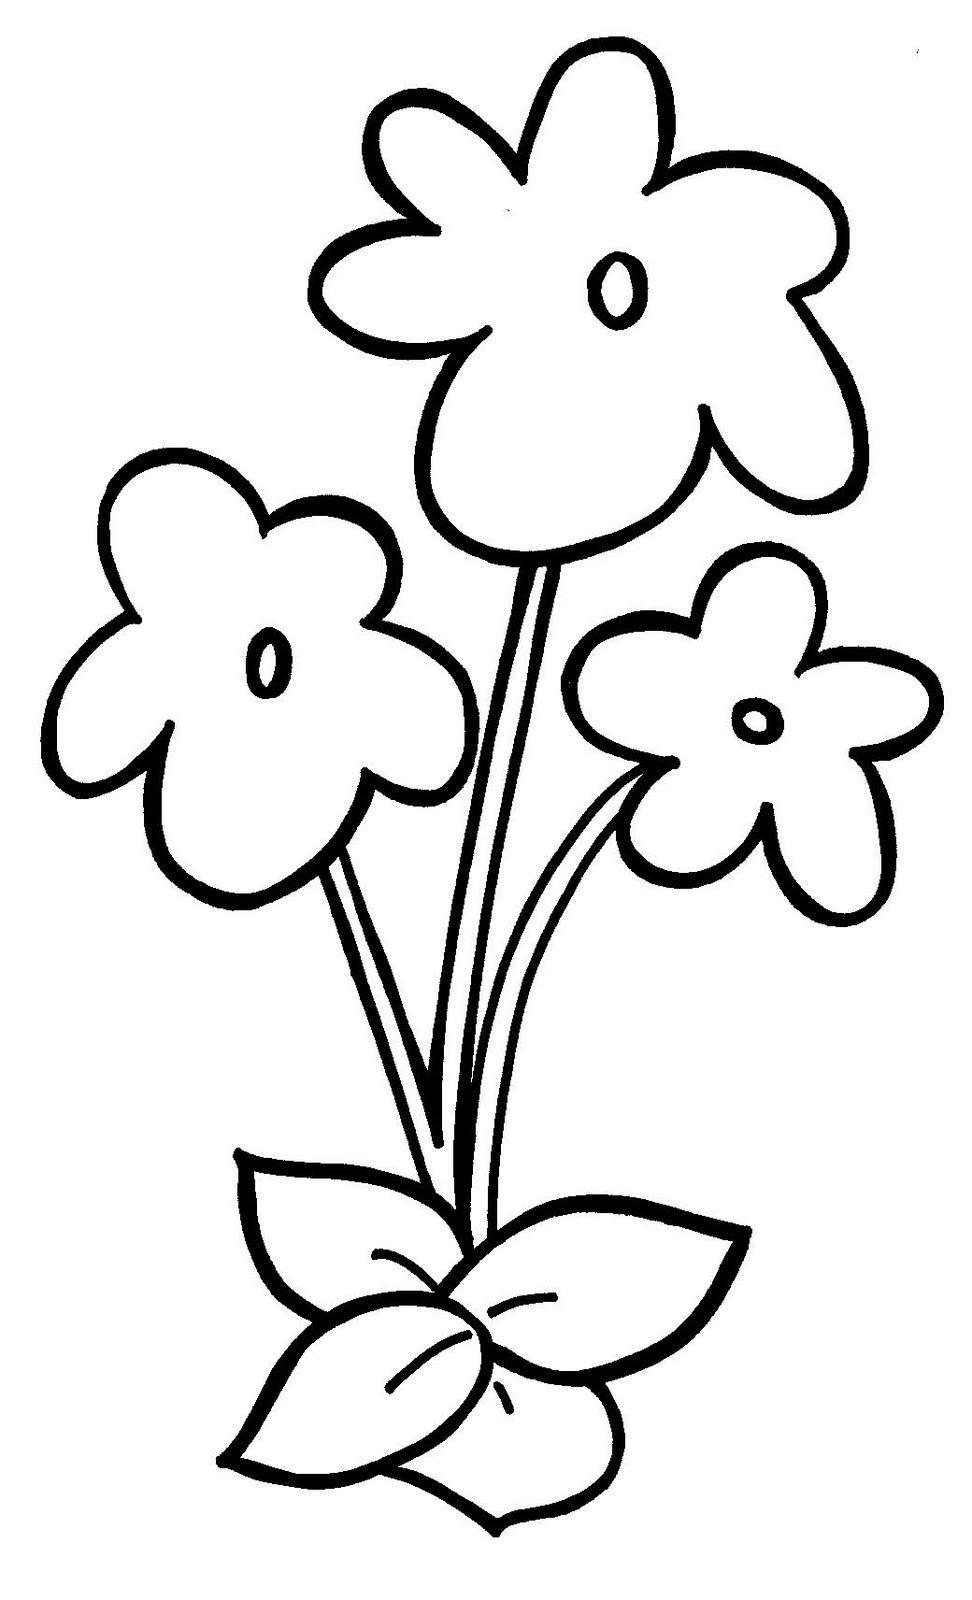 9 Best Image of Spring Flower Template Preschool